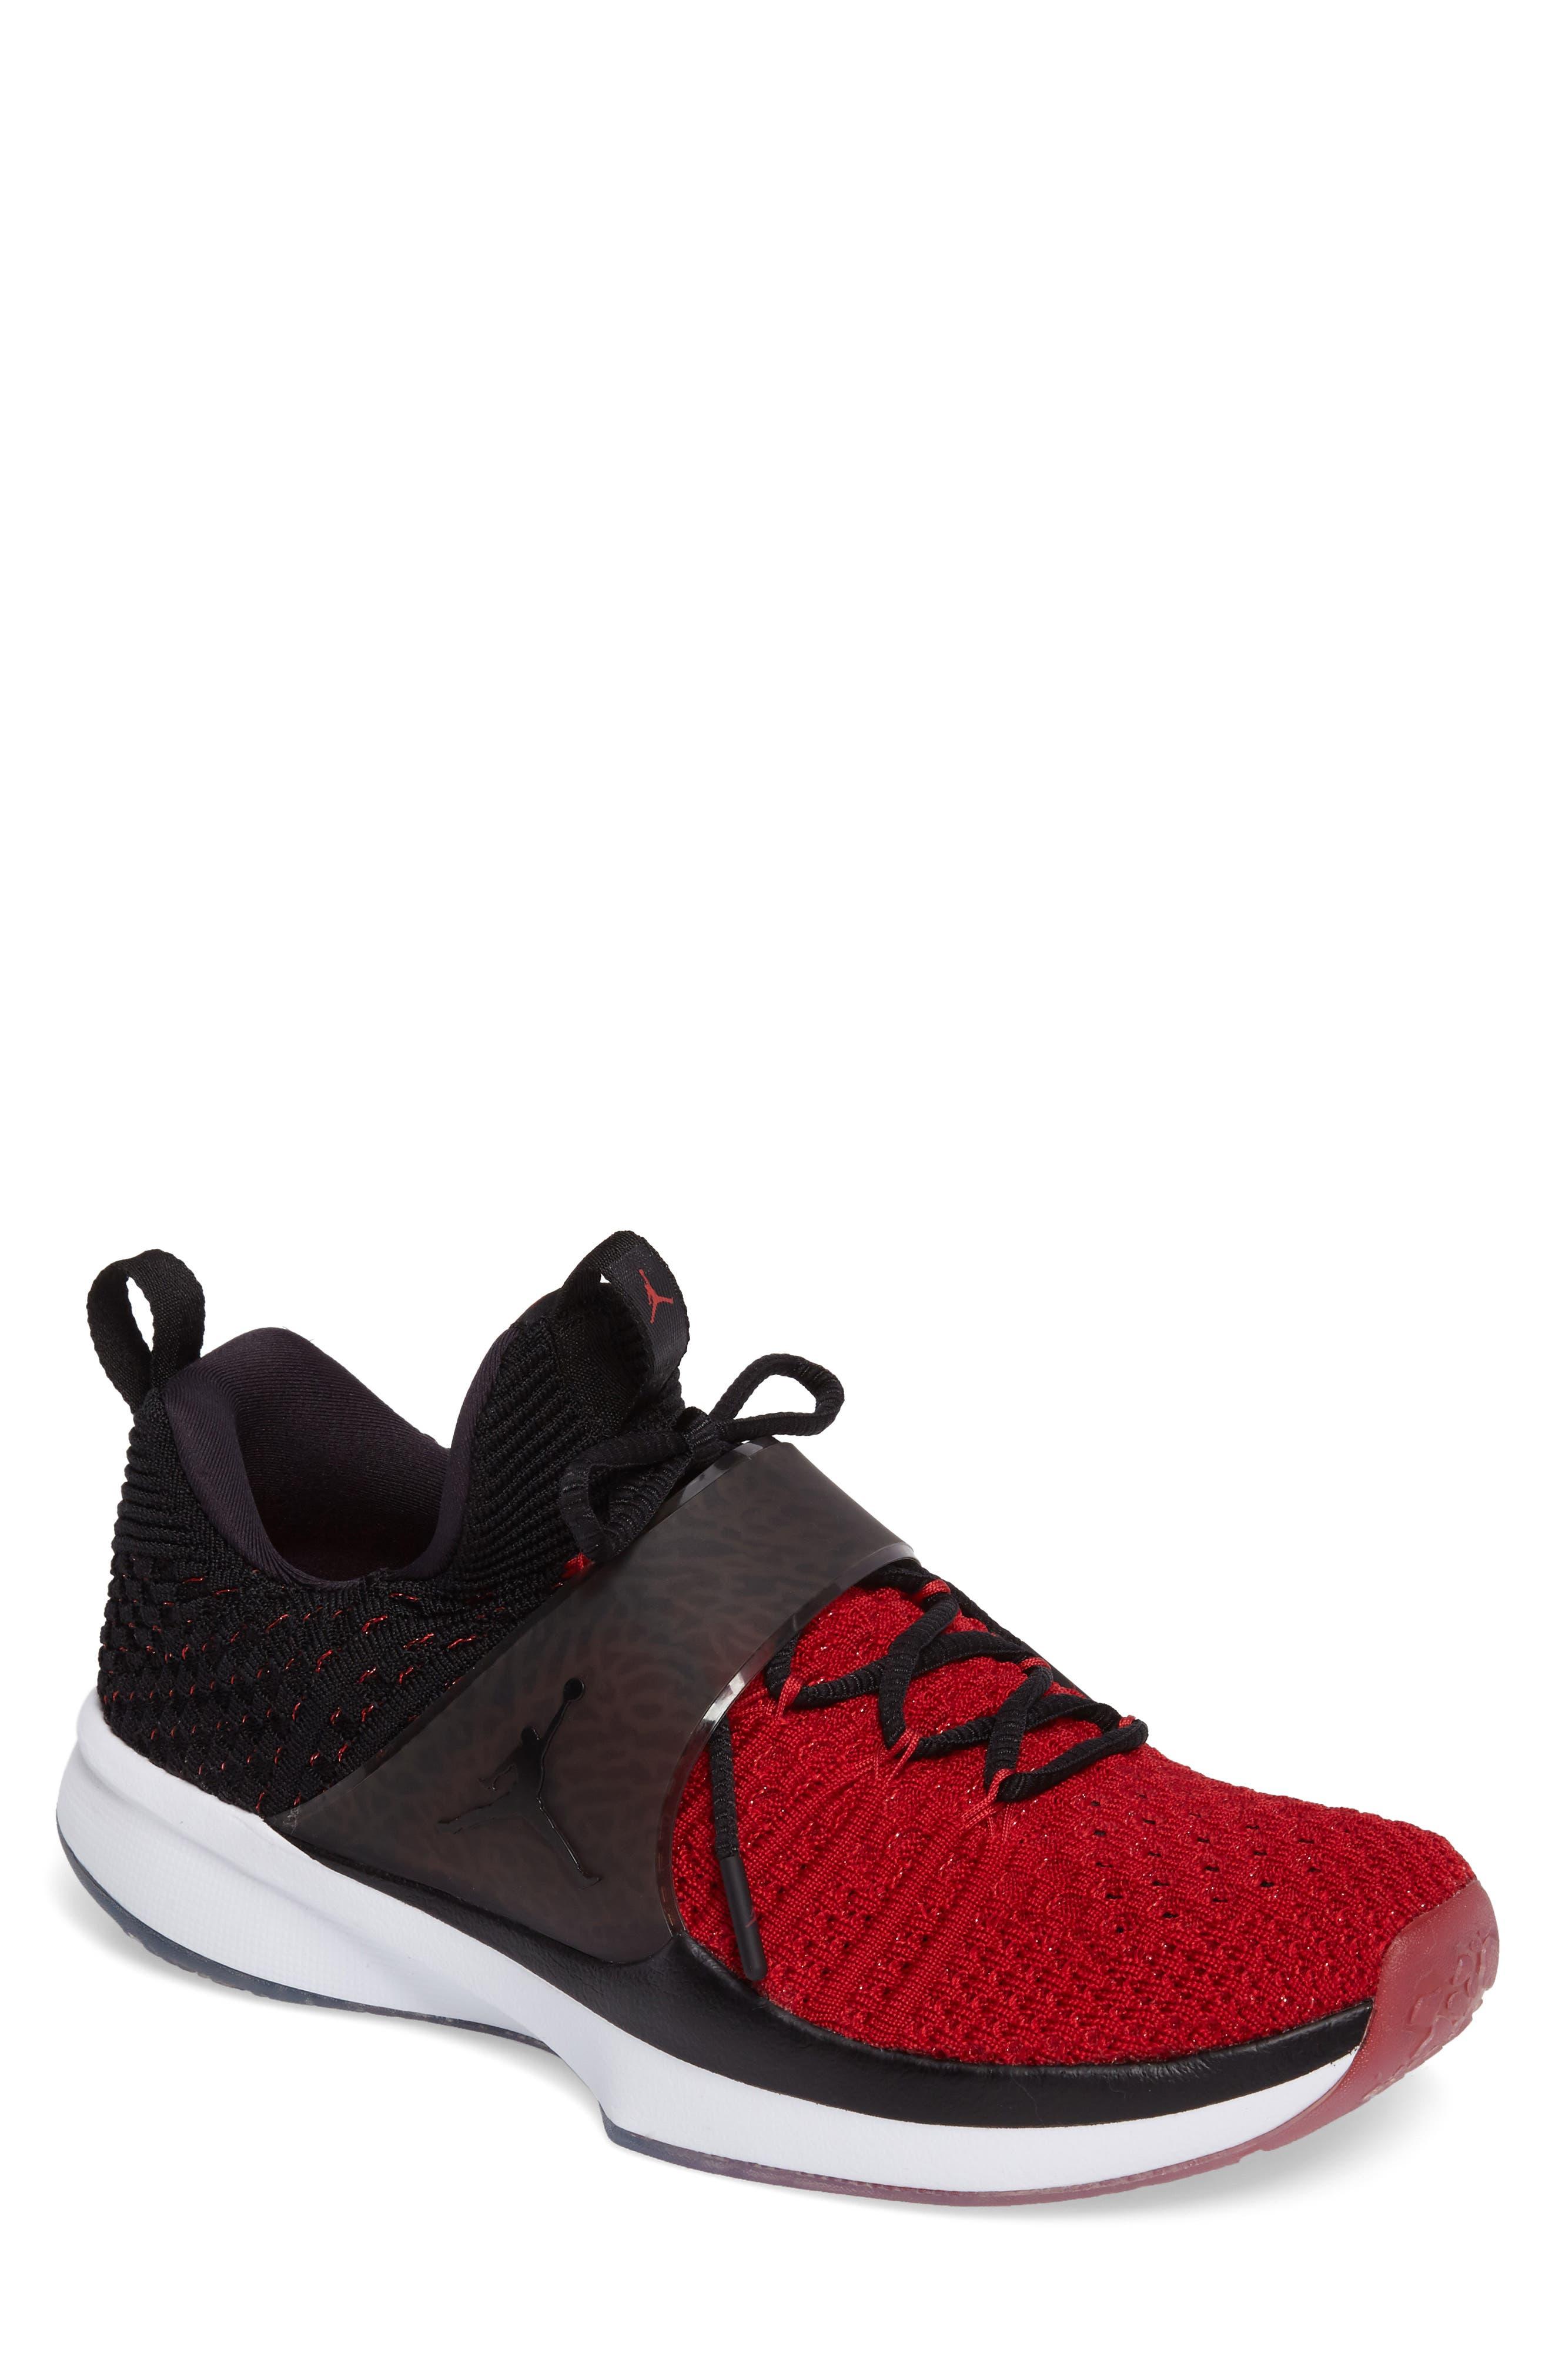 Nike Jordan Flyknit Trainer 2 Low Sneaker (Men)